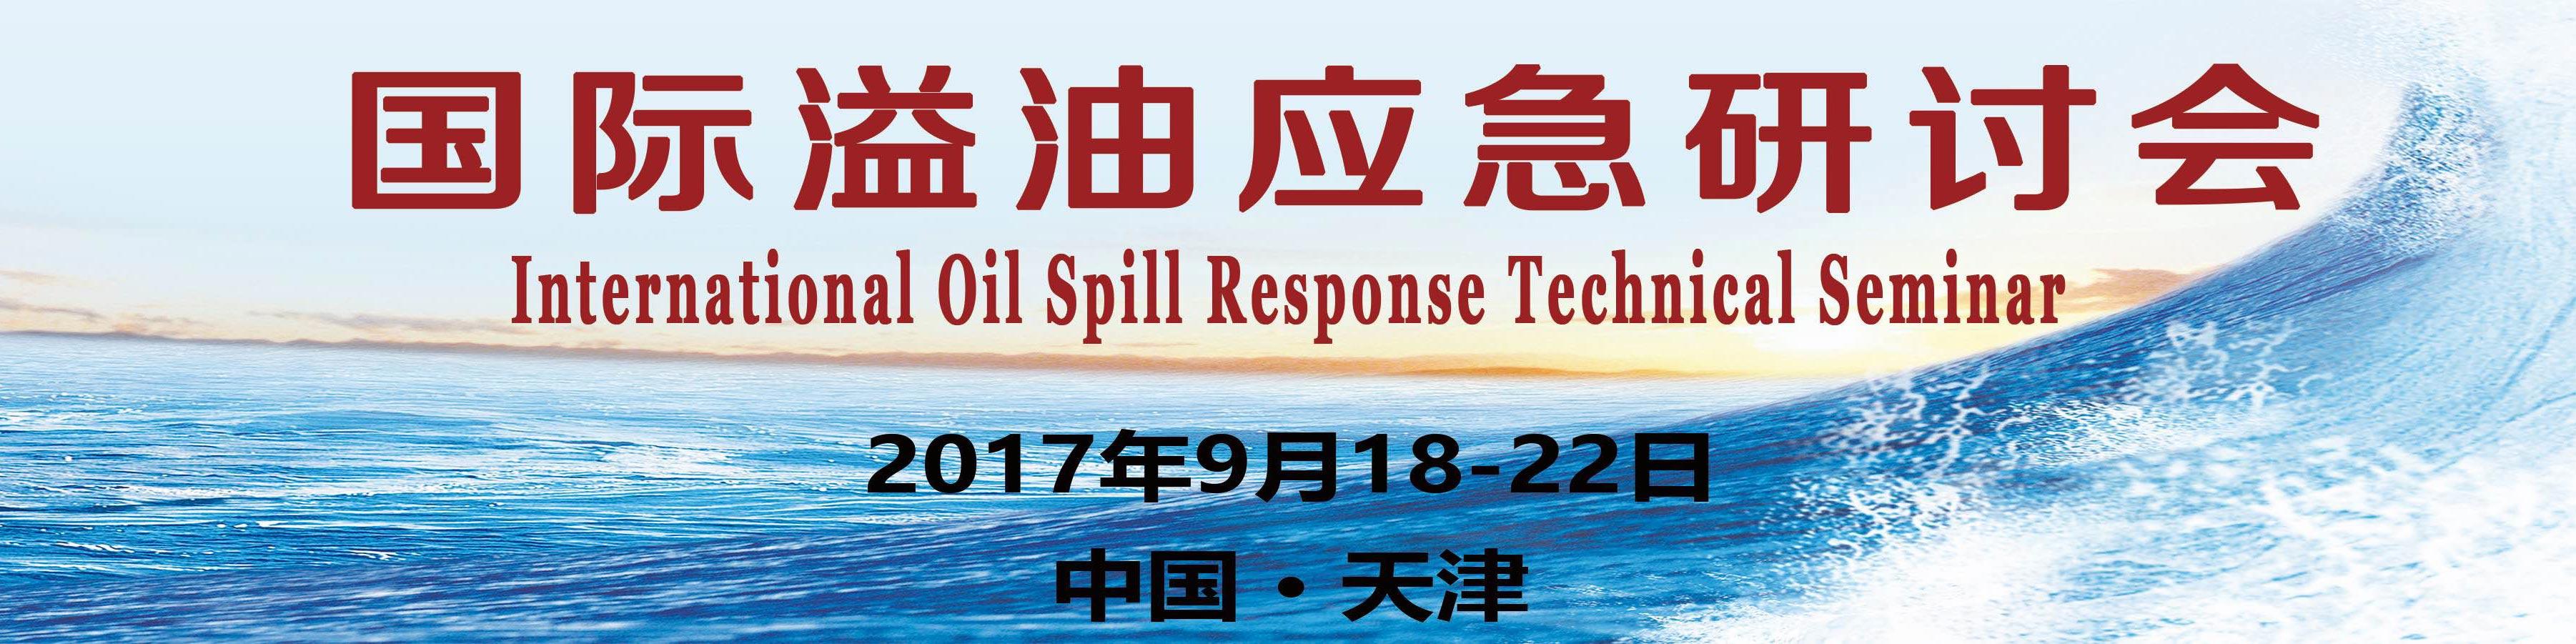 2017年国际溢油应急研讨会